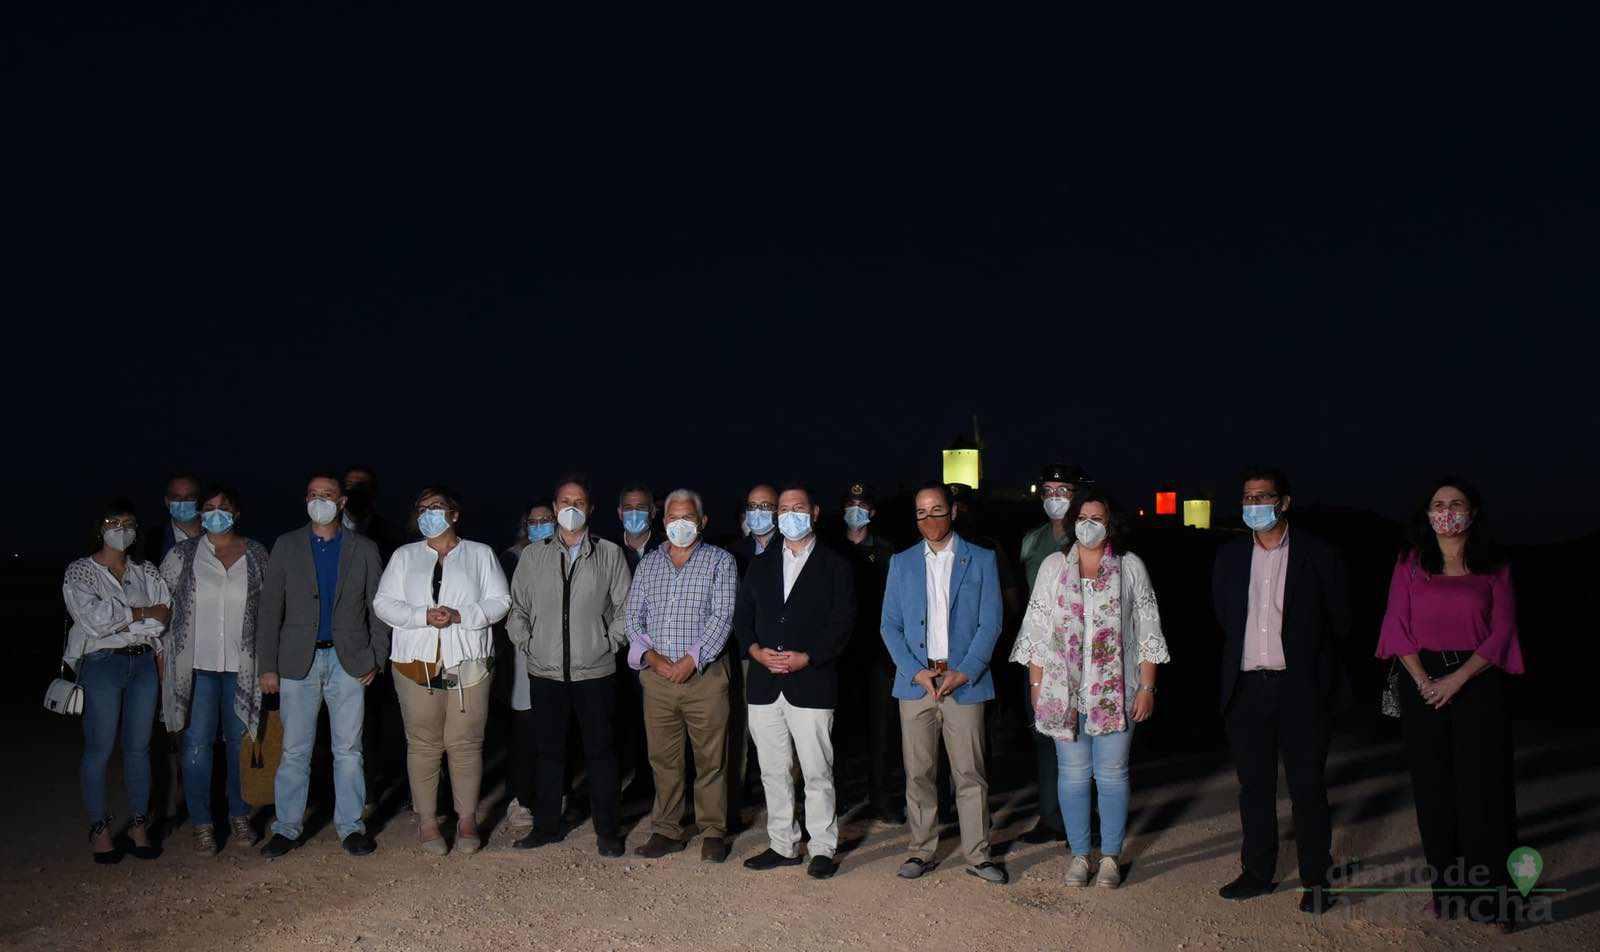 Herencia vuelve a inaugurar con una nueva iluminación artística sus molinos de viento 31